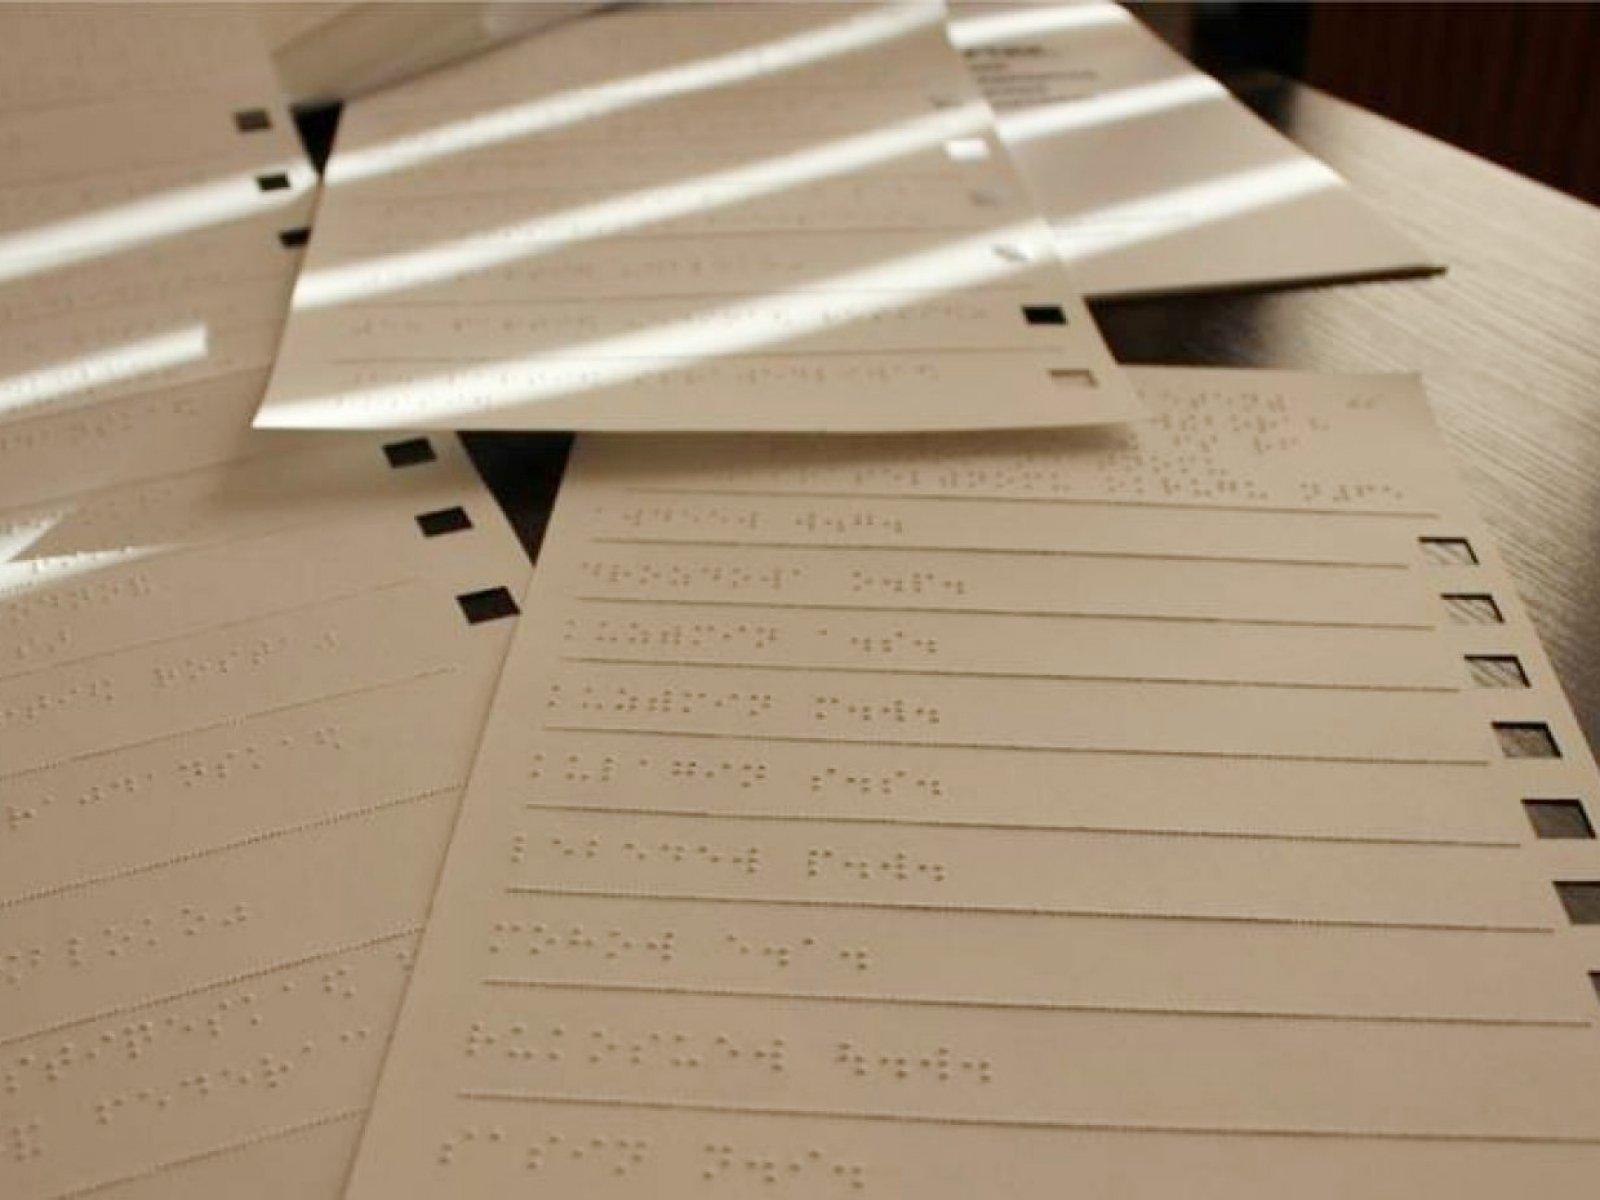 Выборы губернатора: в Свердловской области приступили к изготовлению бюллетеней азбукой Брайля